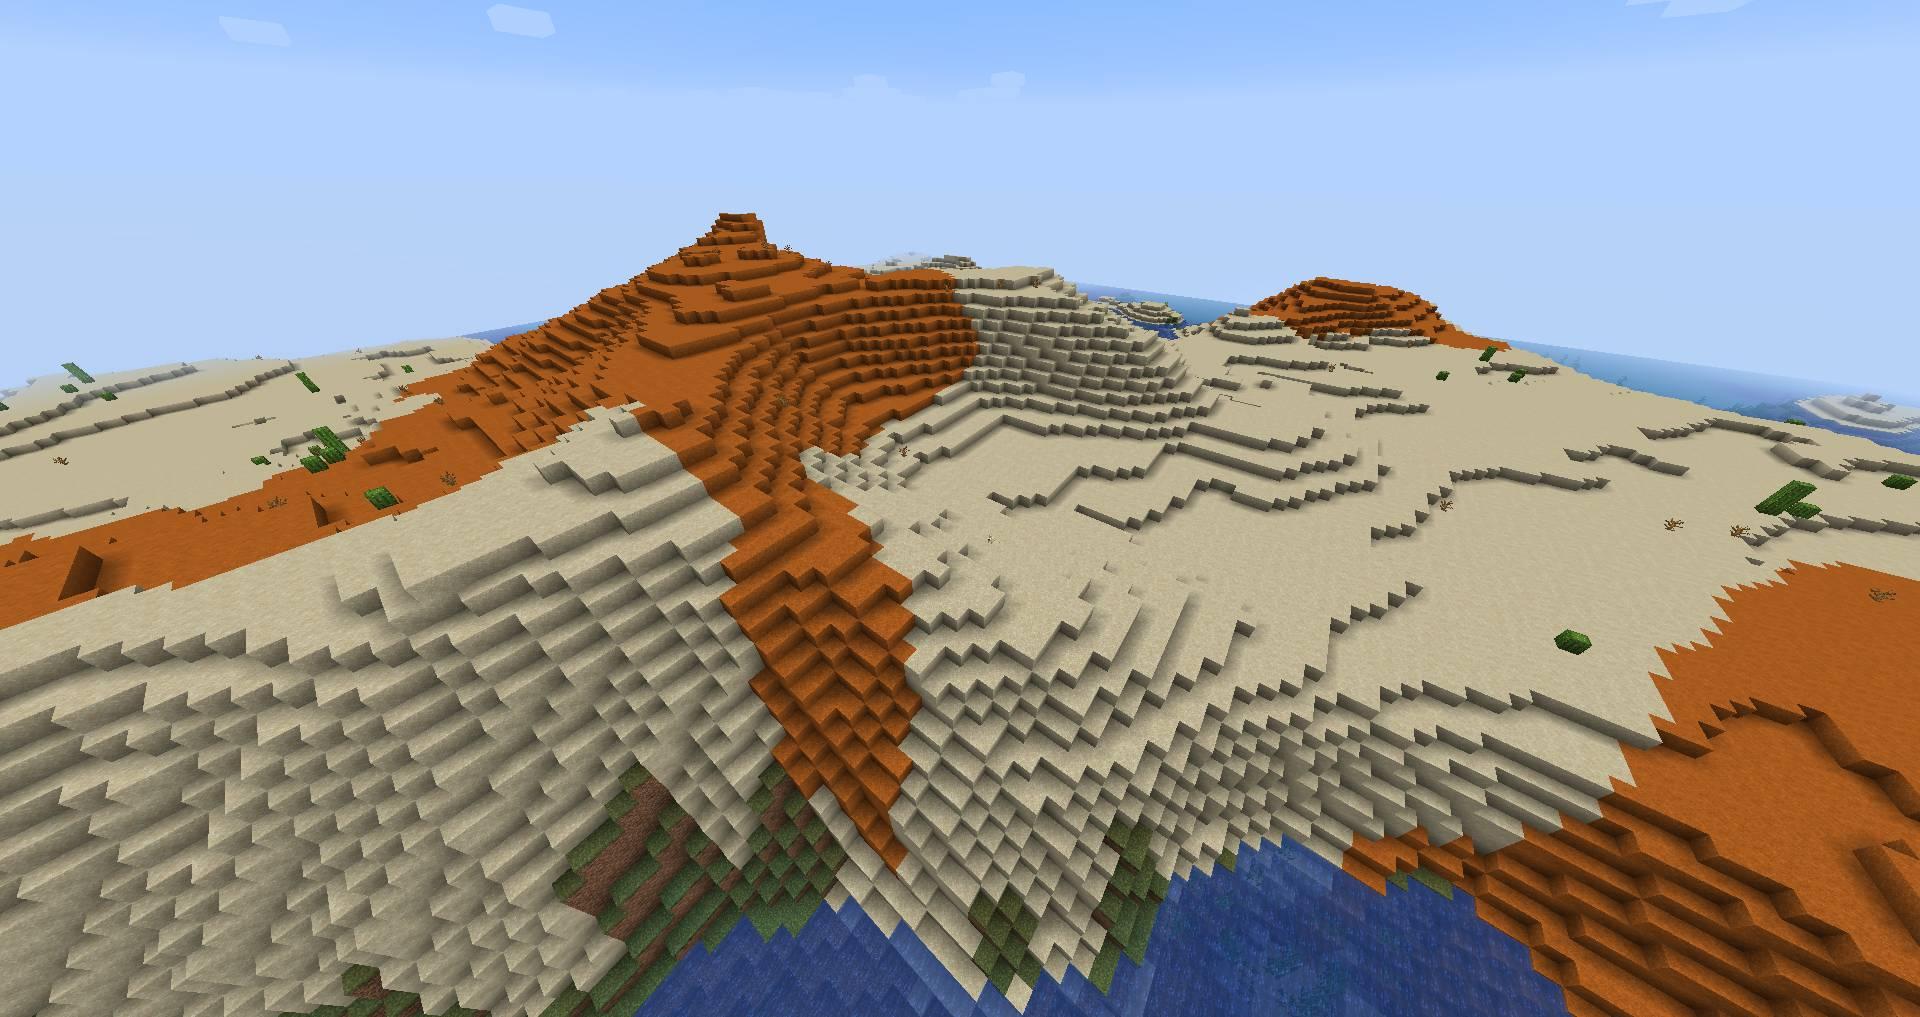 Voyage mod for minecraft 28